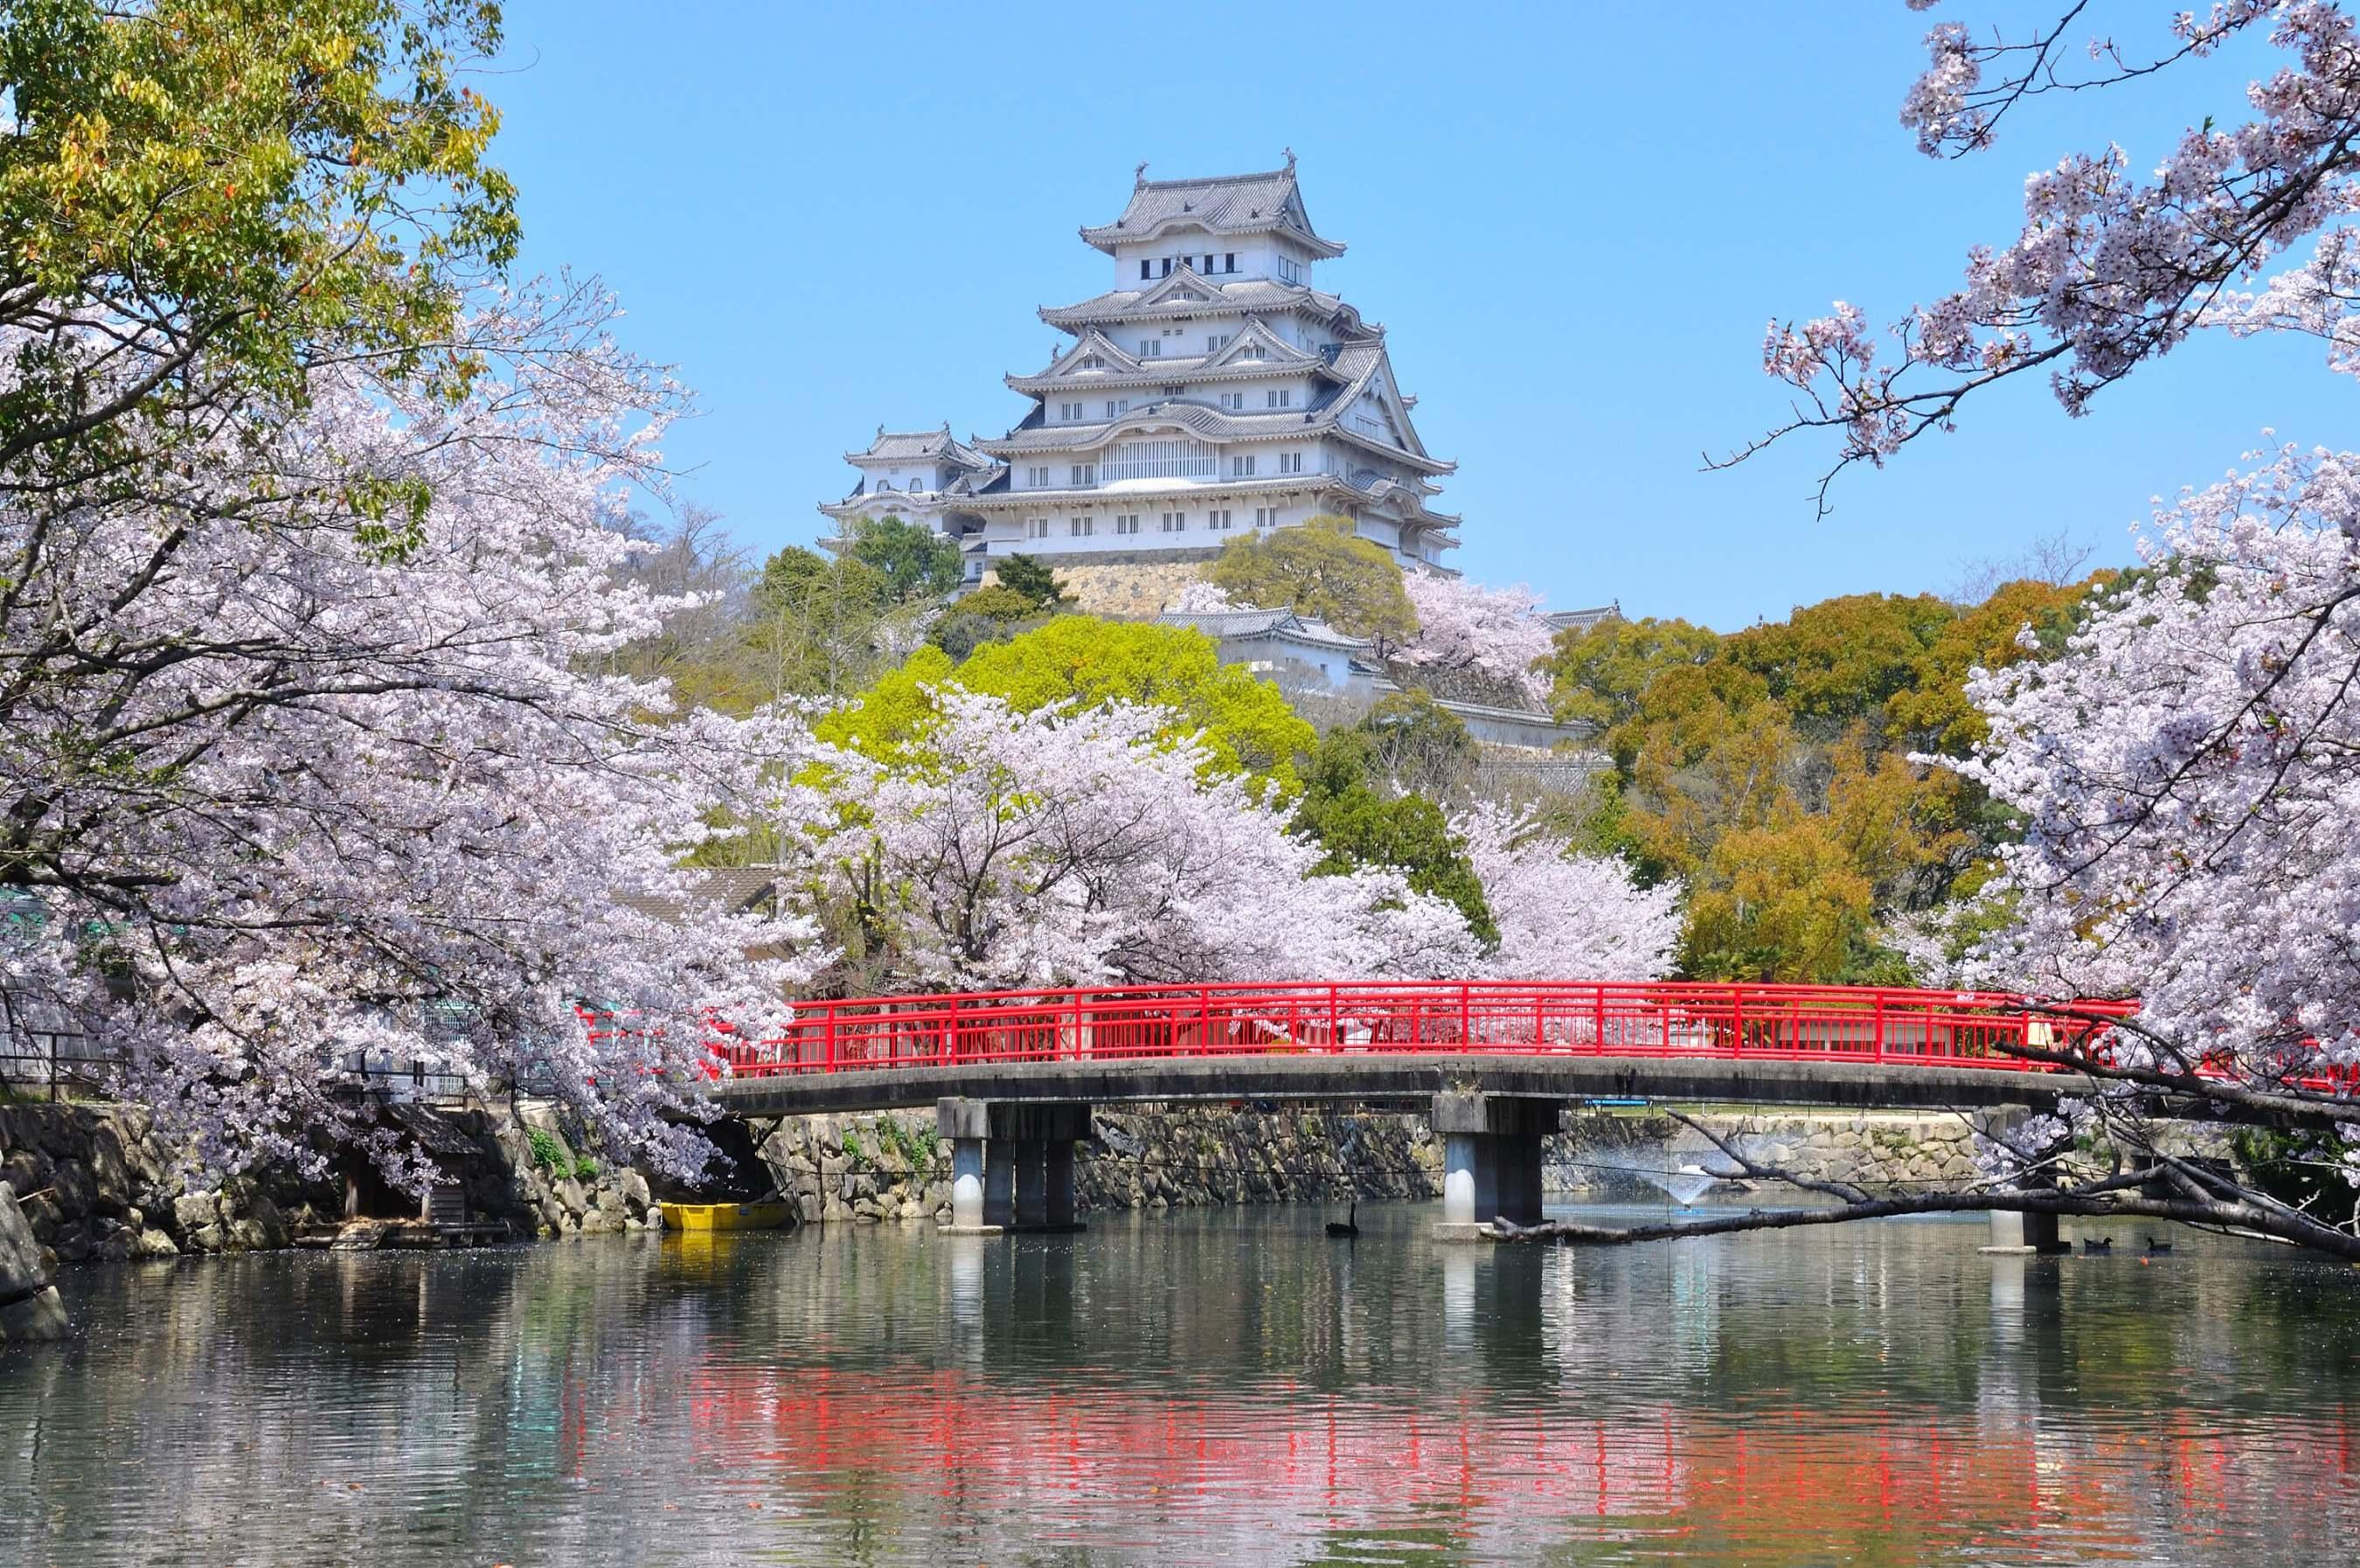 「姬路城 櫻花」的圖片搜尋結果